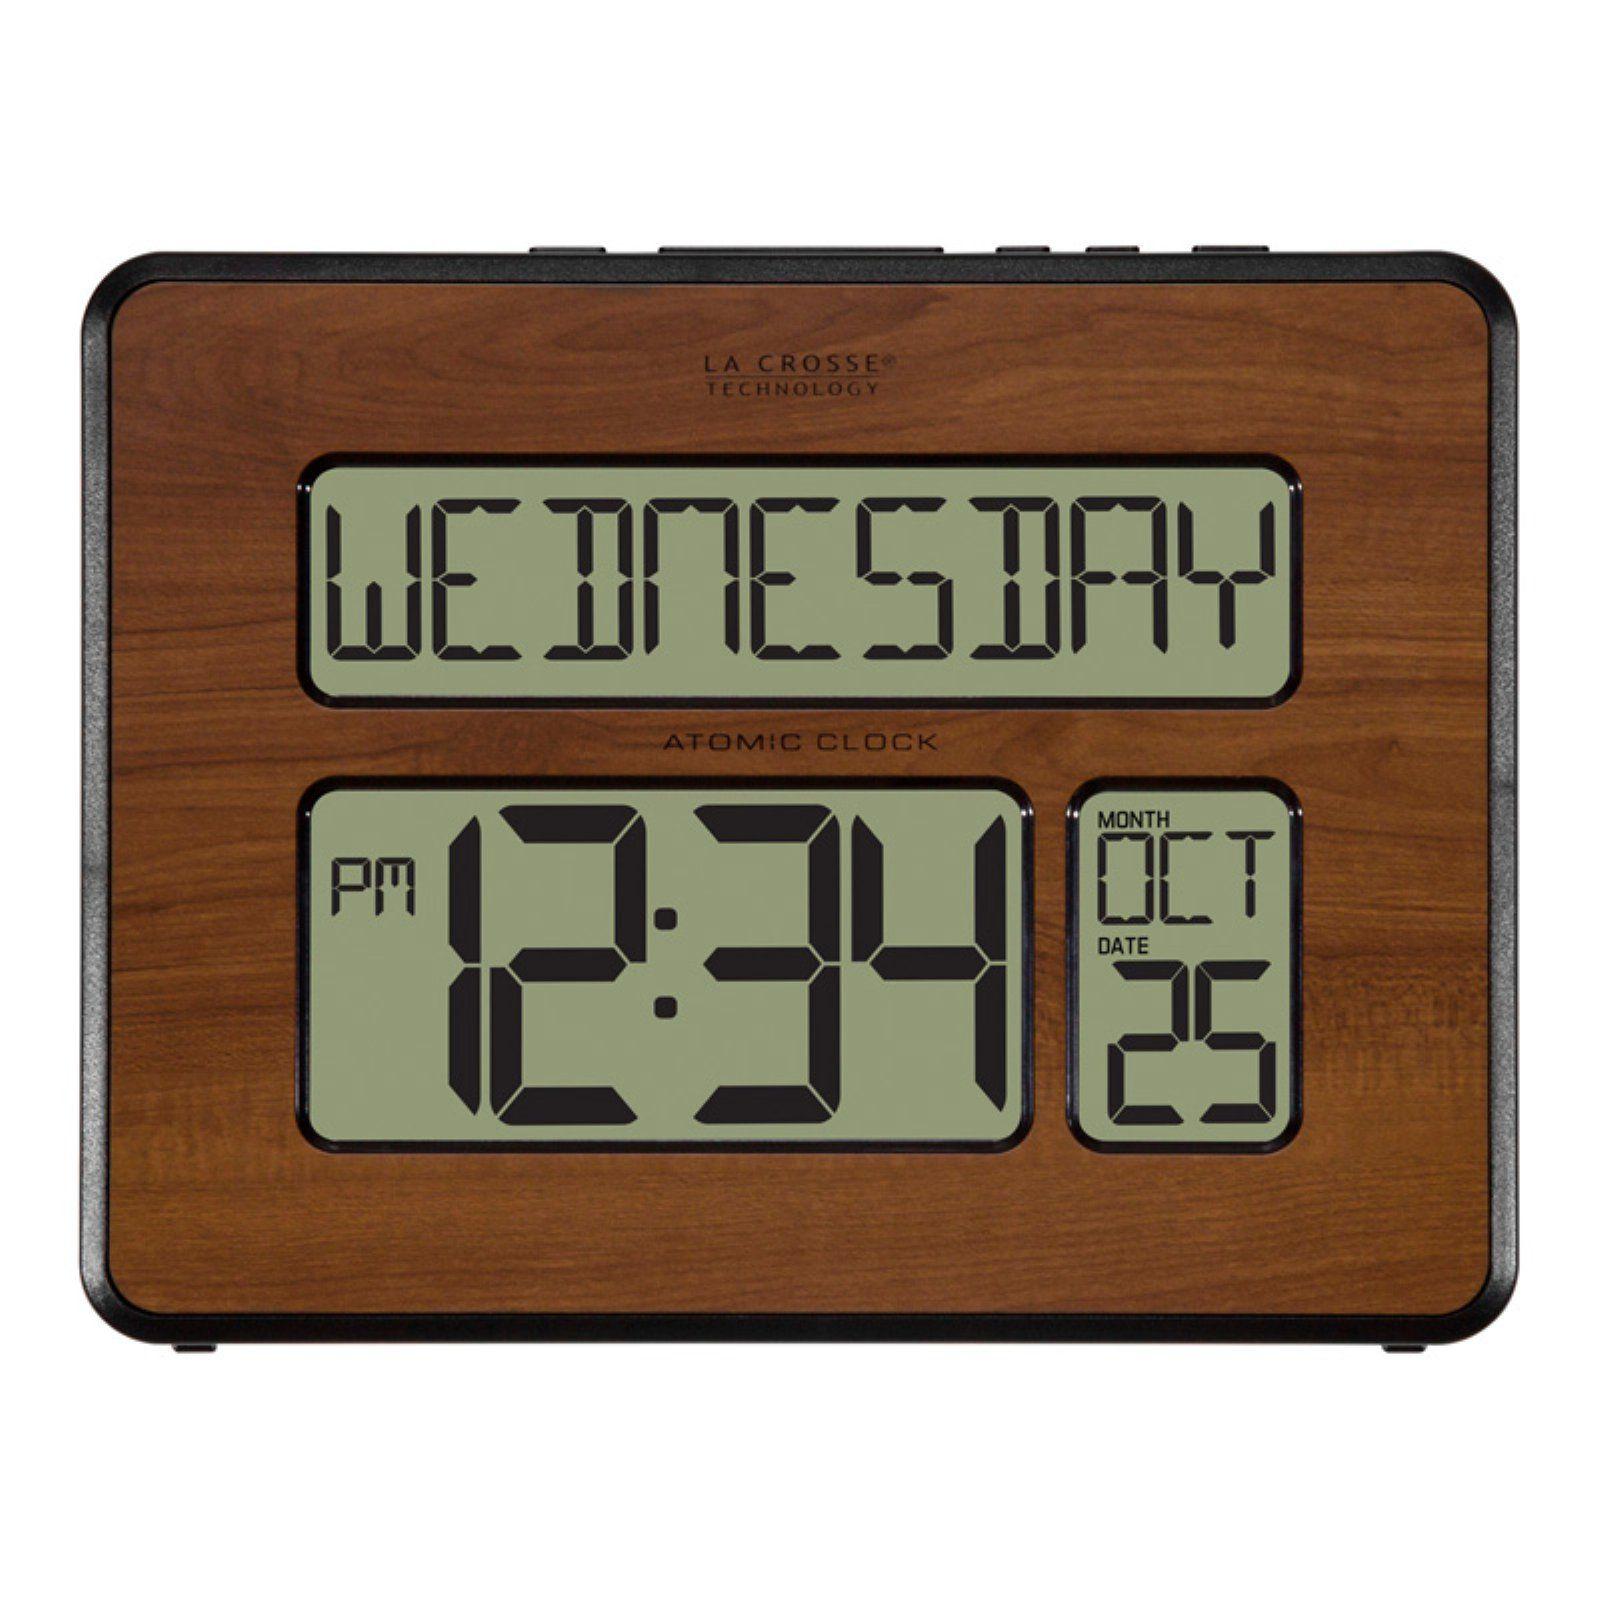 4d98c4146825f483cc2cd0a67ea308a9 - Better Homes & Gardens Digital Atomic Clock